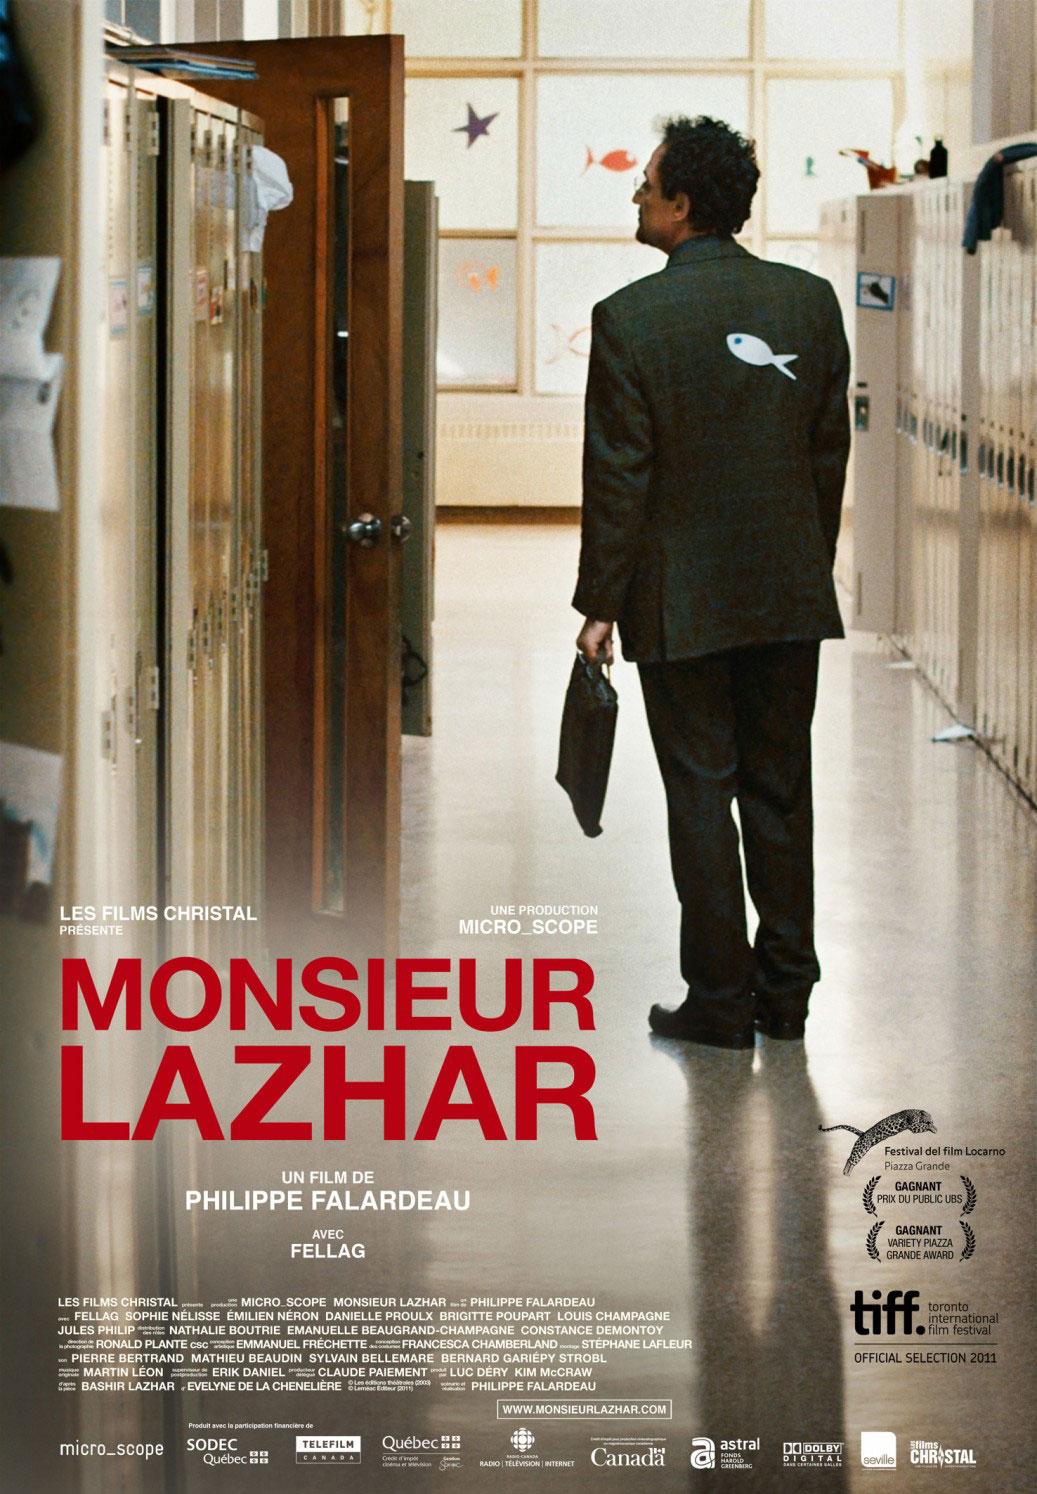 Monsieur Lazhar / Les Films Christal présente Movie Poster